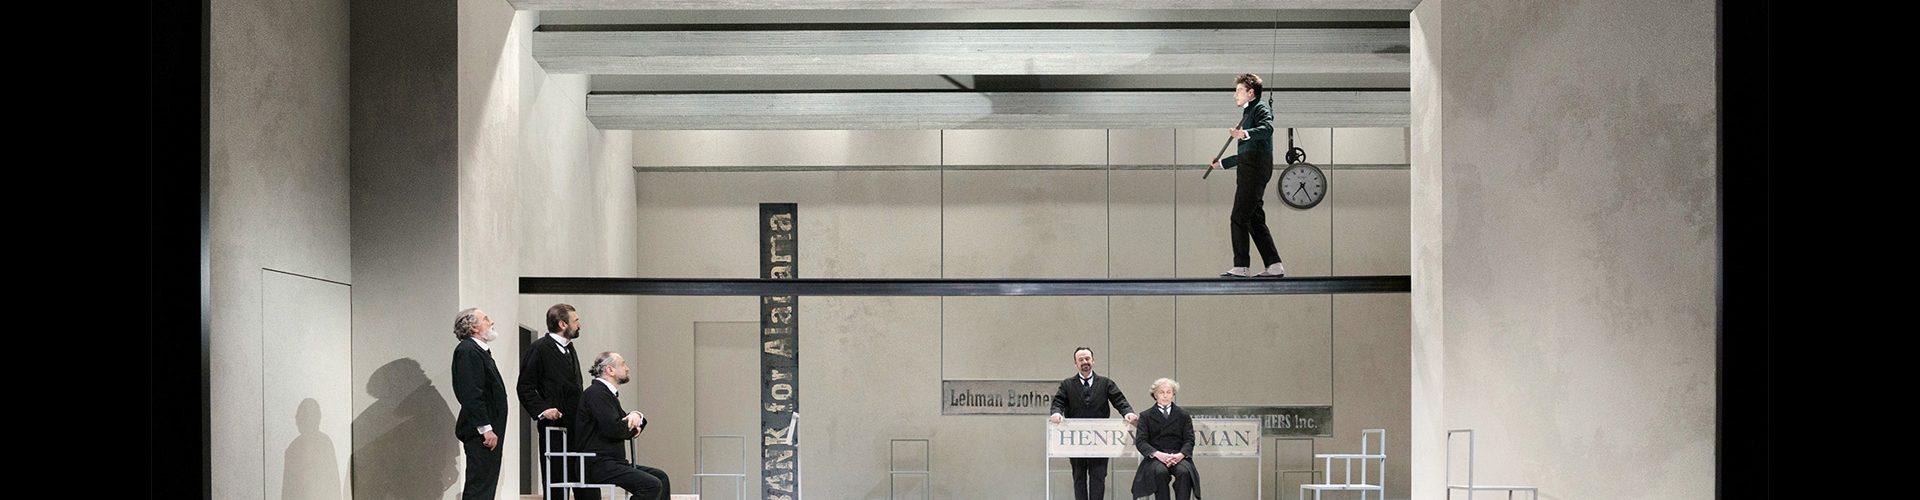 """""""Lehman Trilogy"""", foto di Attilio Marasco Piccolo Teatro di Milano – Teatro d'Europa"""